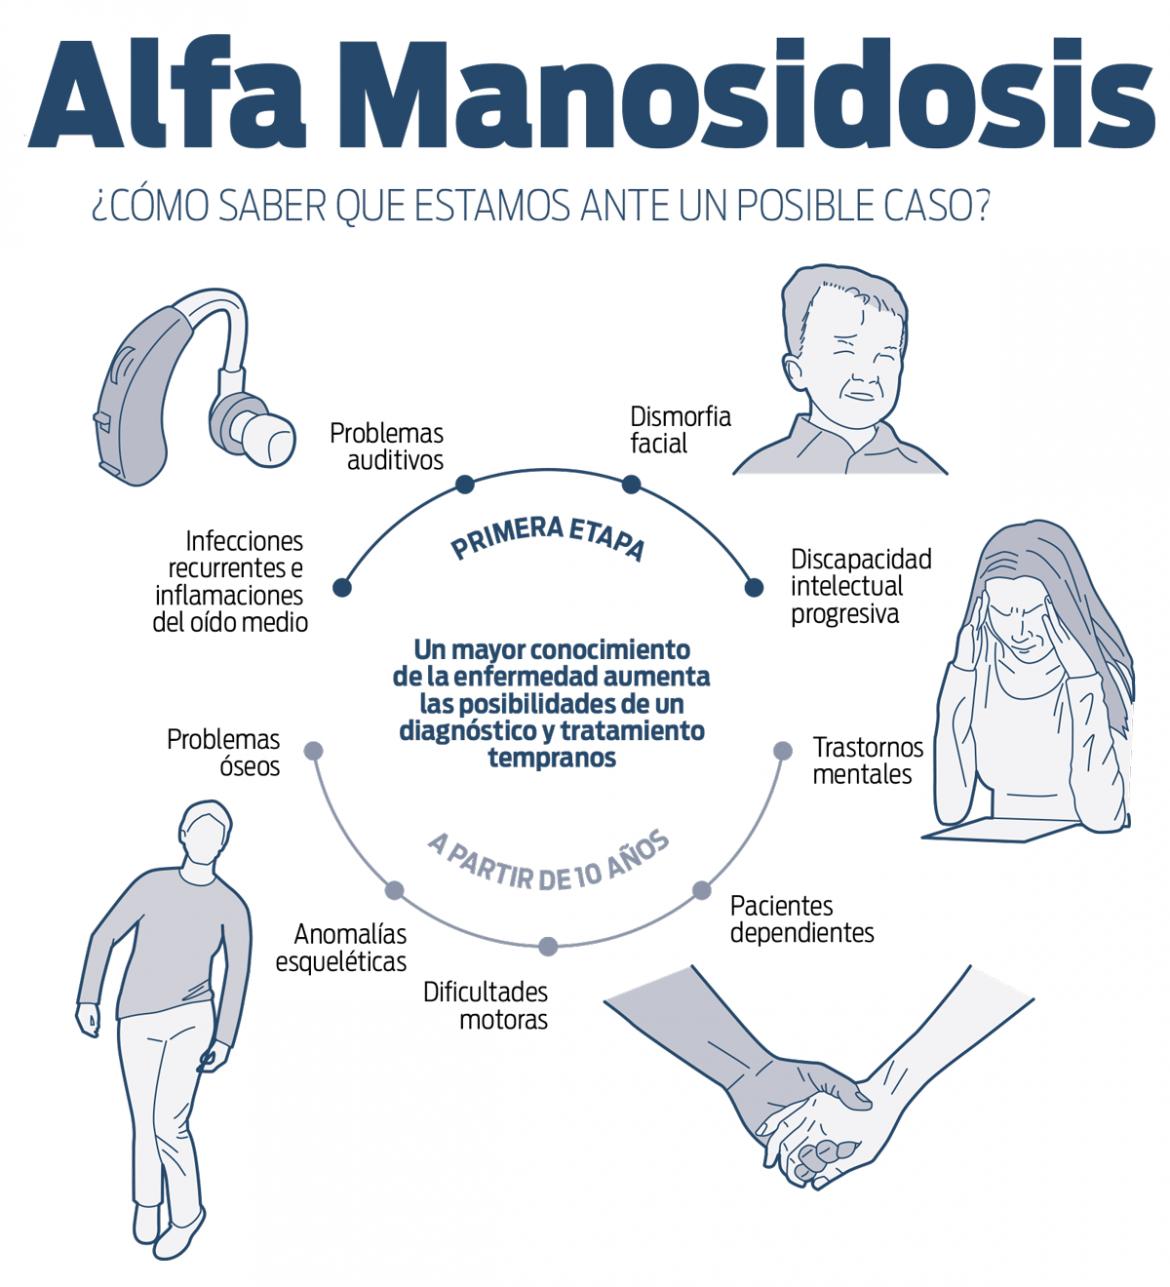 Alfa manosidosis, enfermedad rara entre las raras que no llega a los 10 casos en España